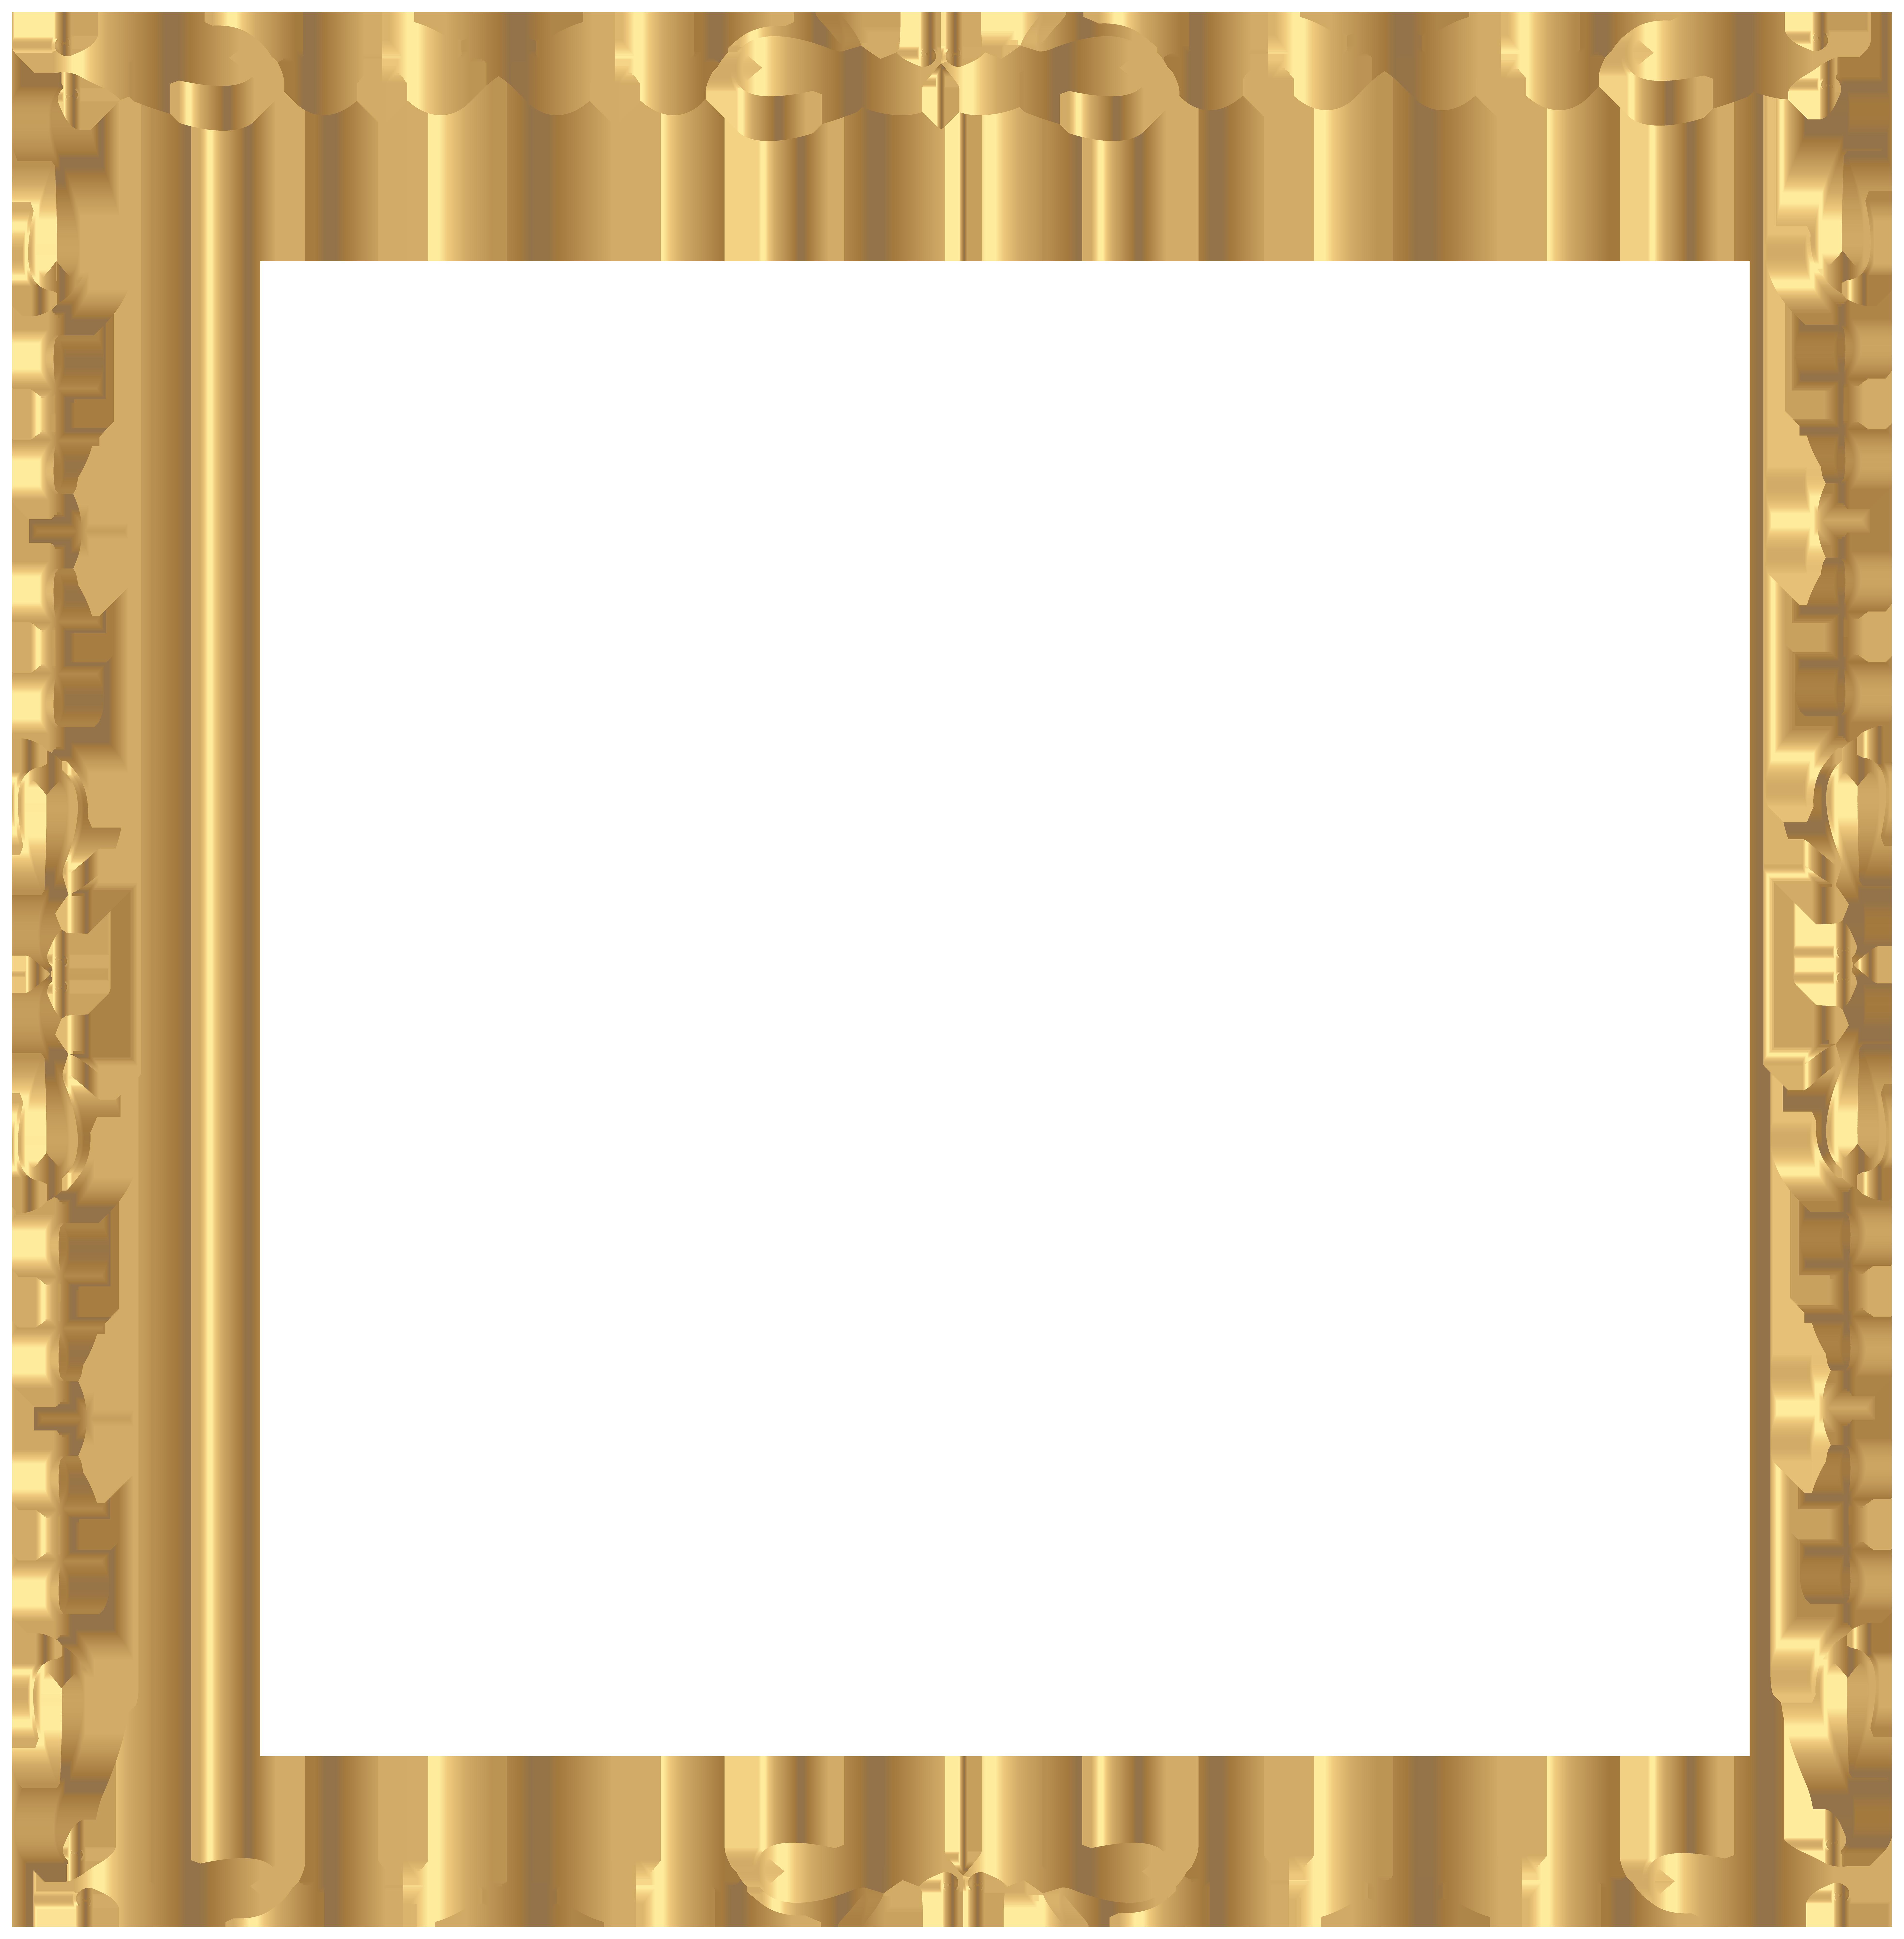 Clipart dog picture frame. Golden border png clip